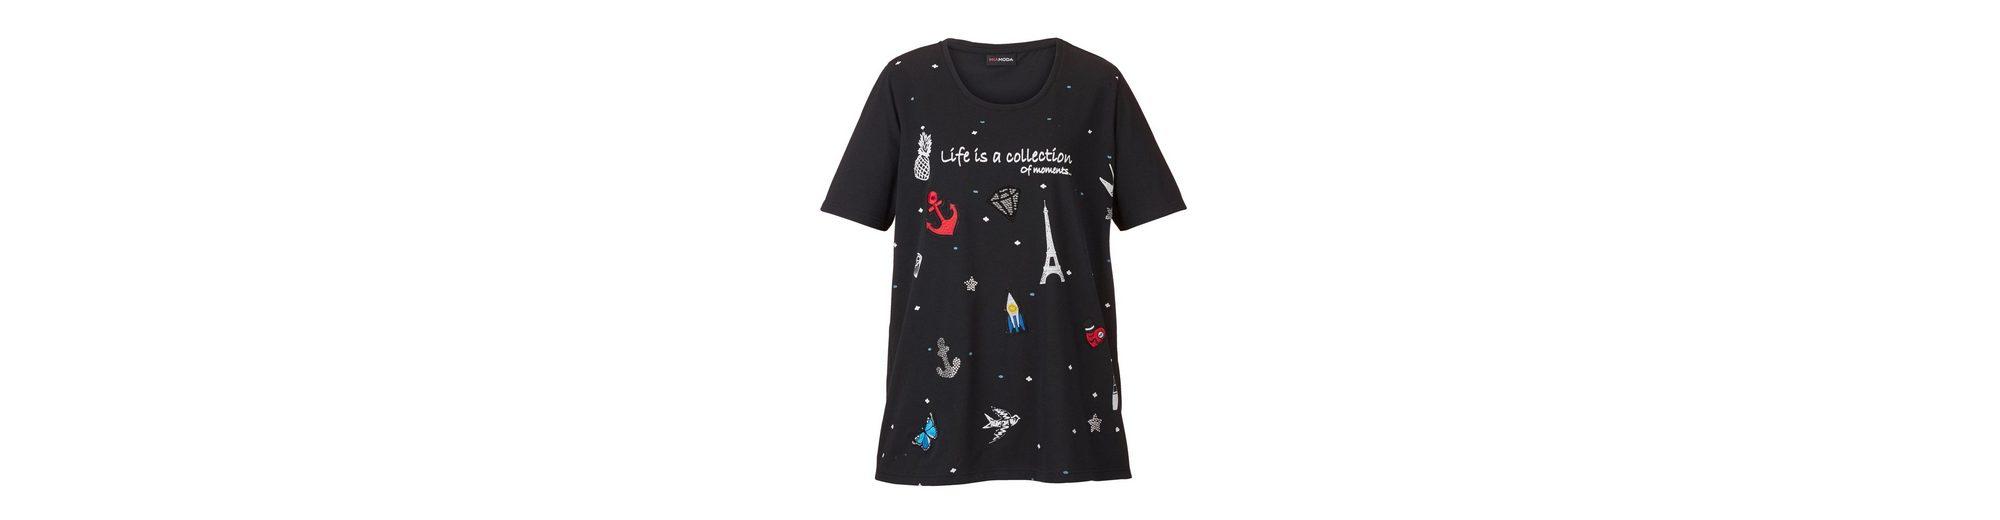 MIAMODA Shirt mit Aufn盲hern und Motiven aus Dekosteinen